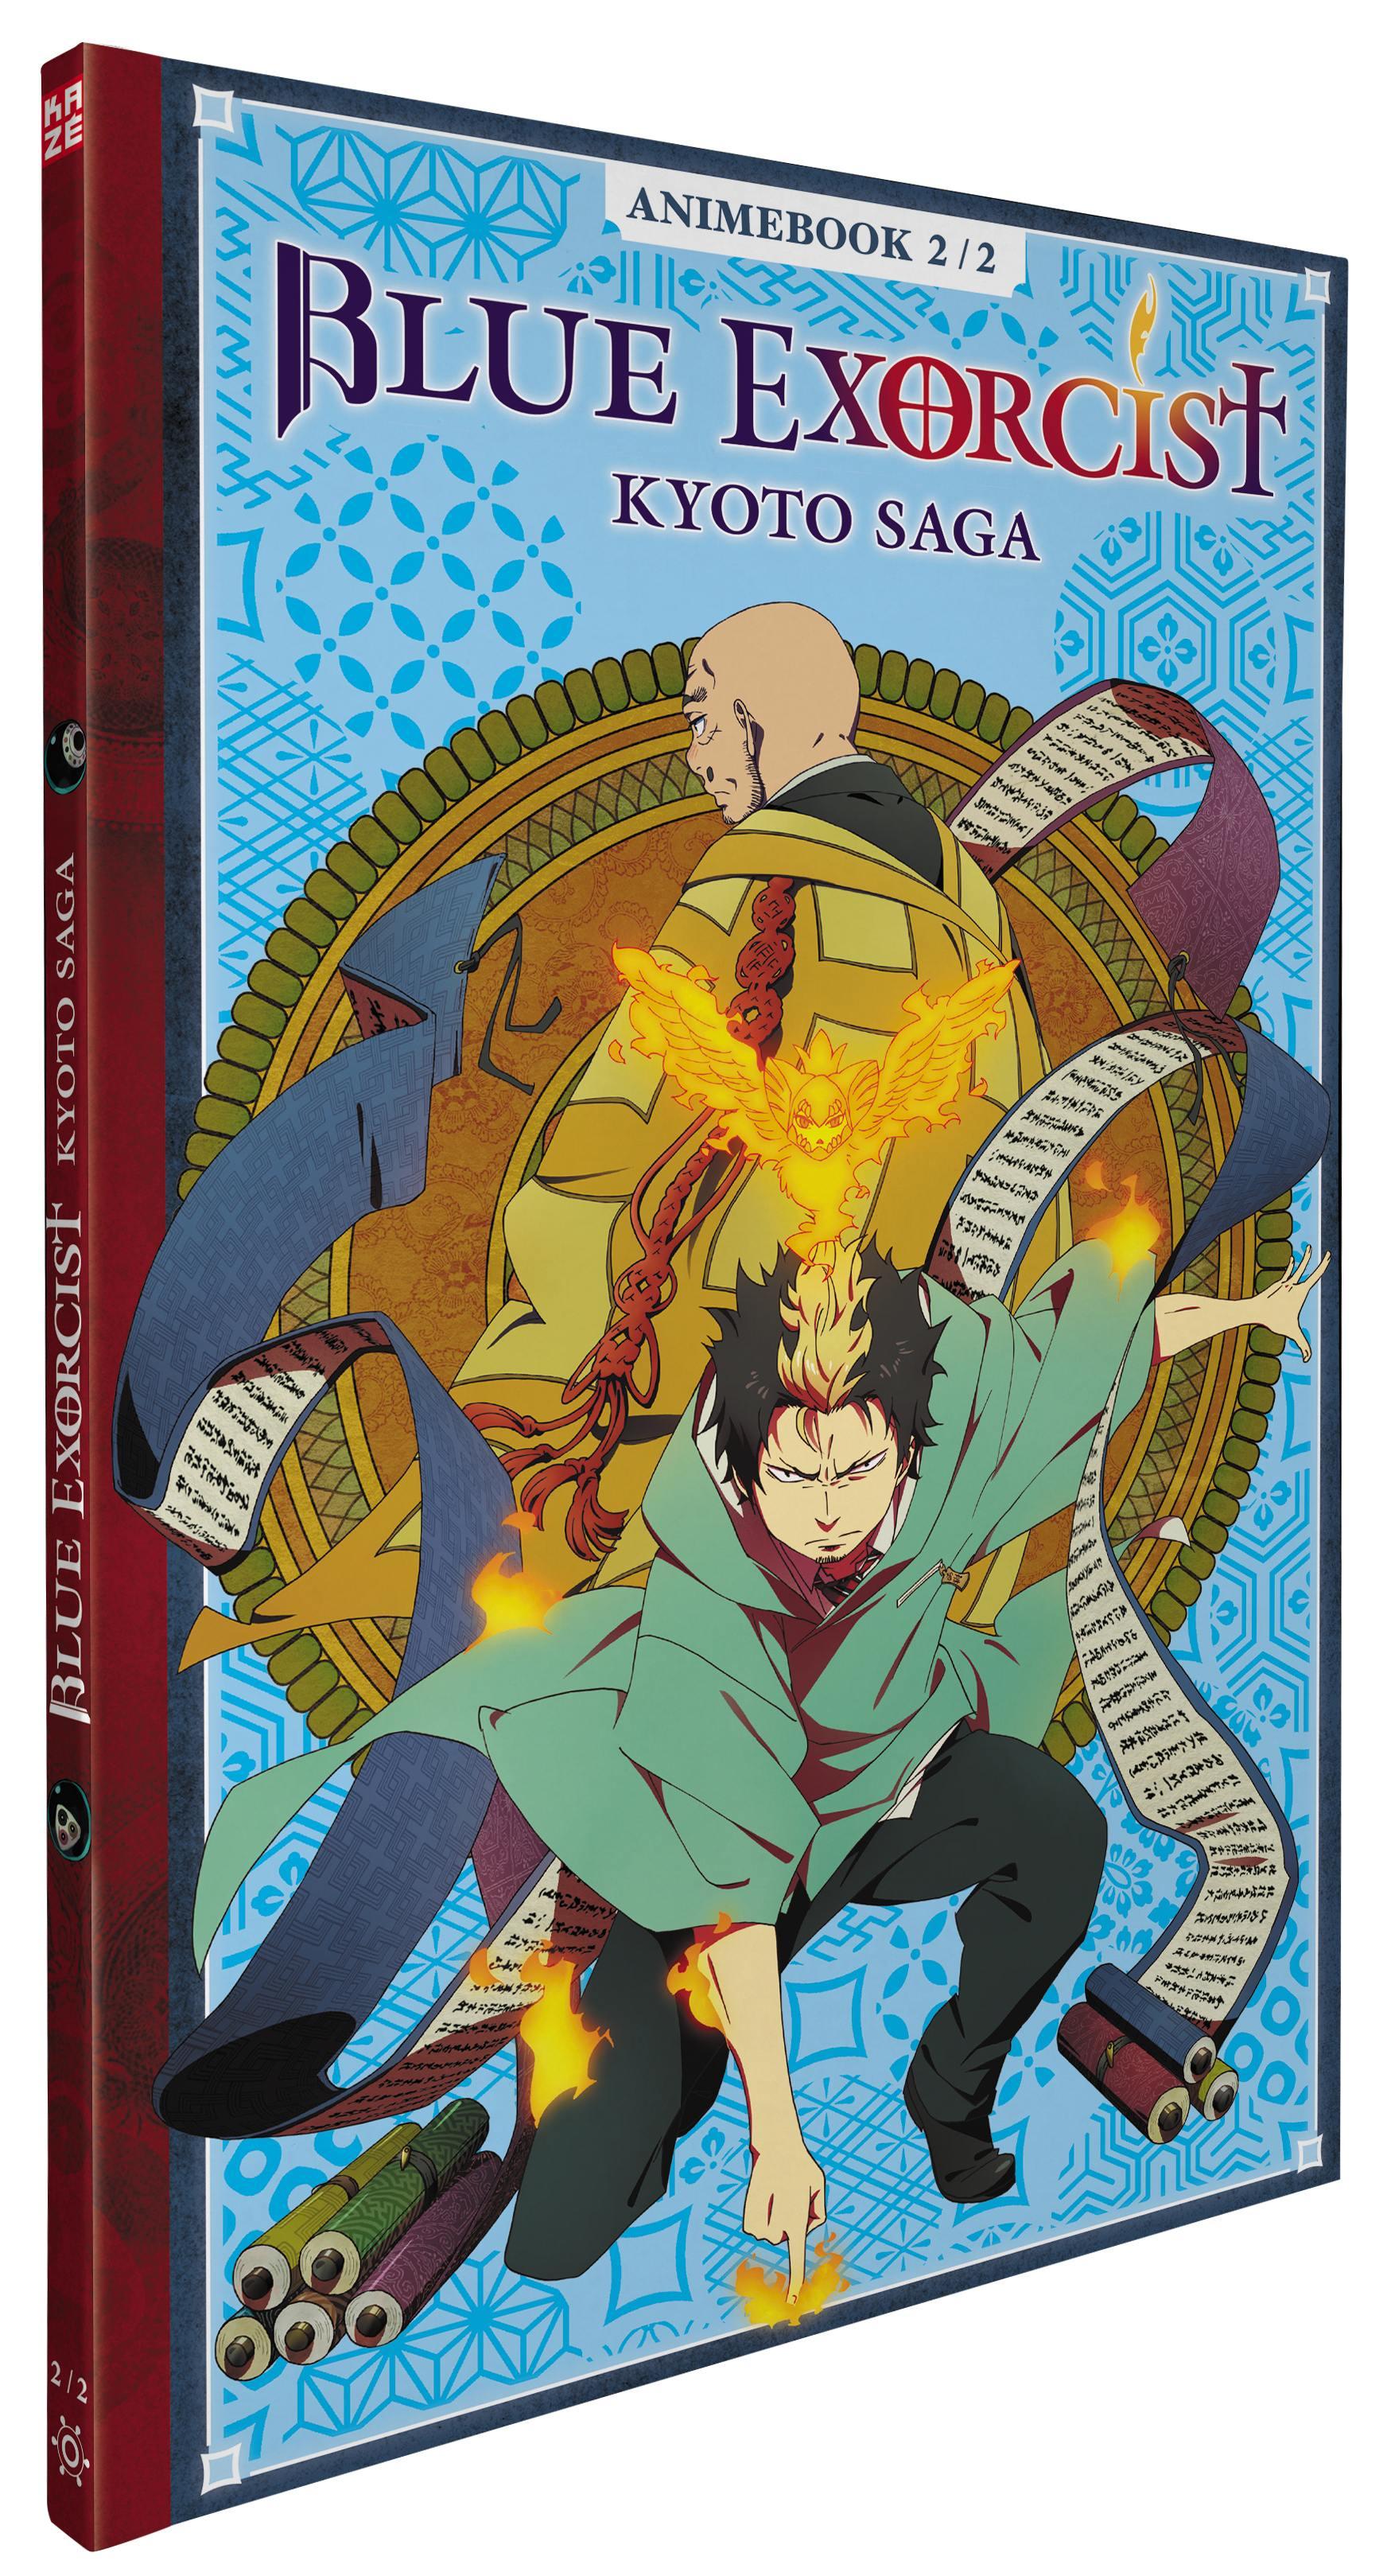 Blue exorcist kyoto saga - partie 2 sur 2 - 2 dvd